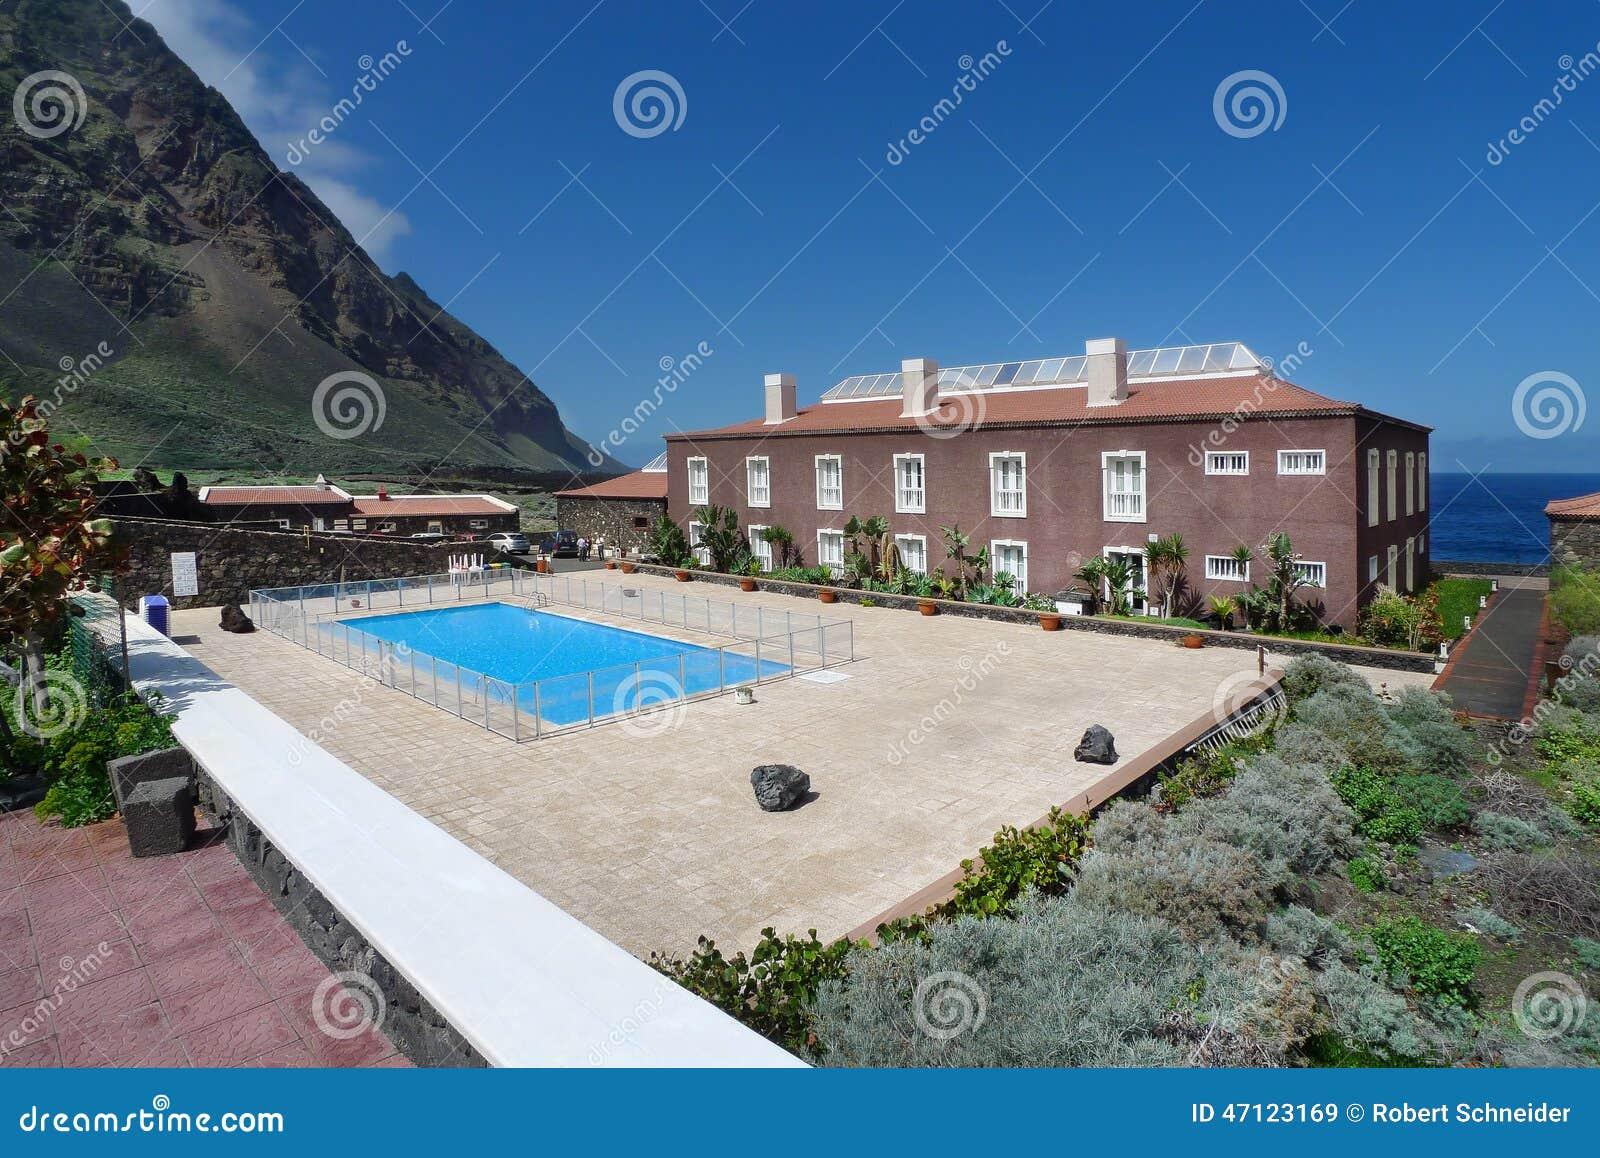 El hierro hotel in pozo de la salud stock image image - Balneario de la alameda ...